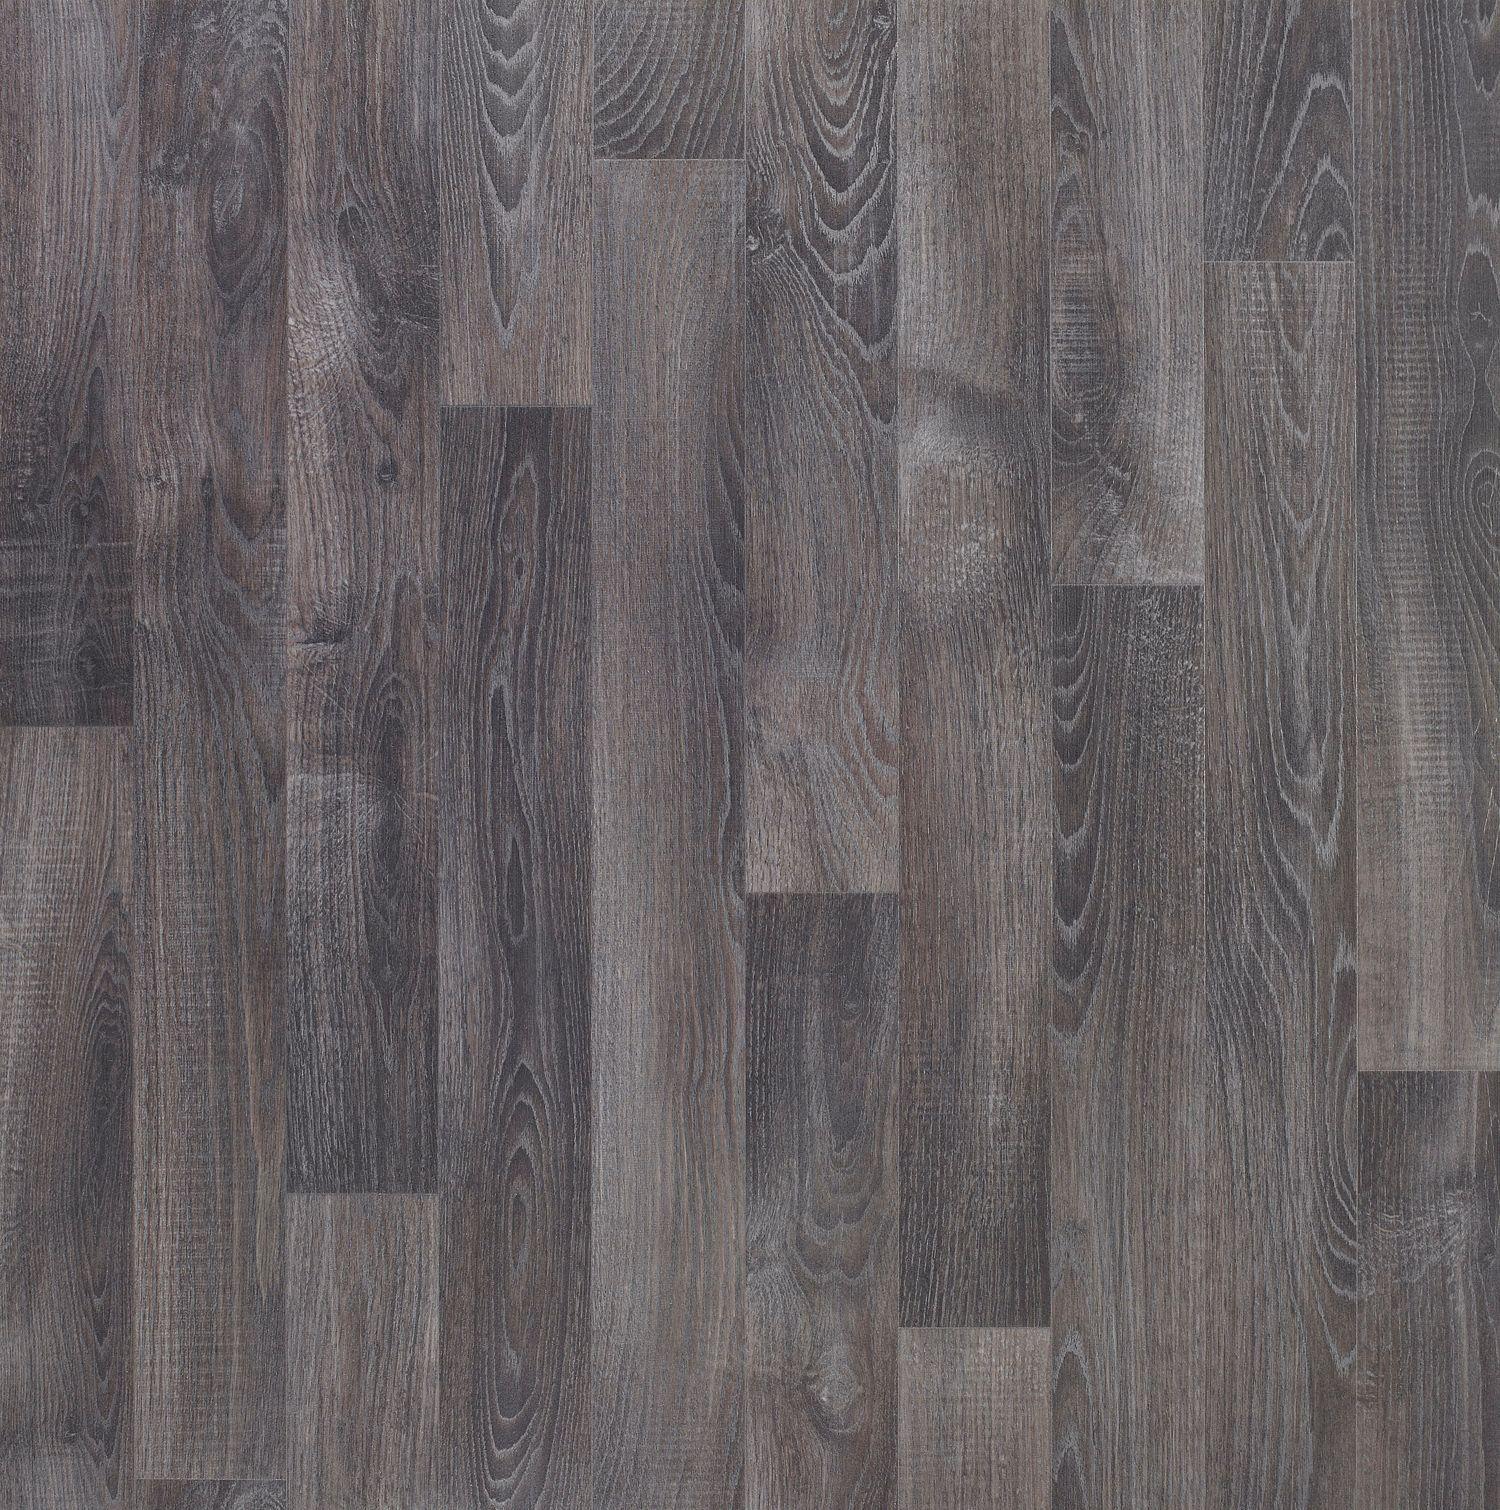 Dark Grey Oak Effect Vinyl Flooring 4 M Departments Diy At B Q Vinyl Flooring Flooring Grey Wooden Floor